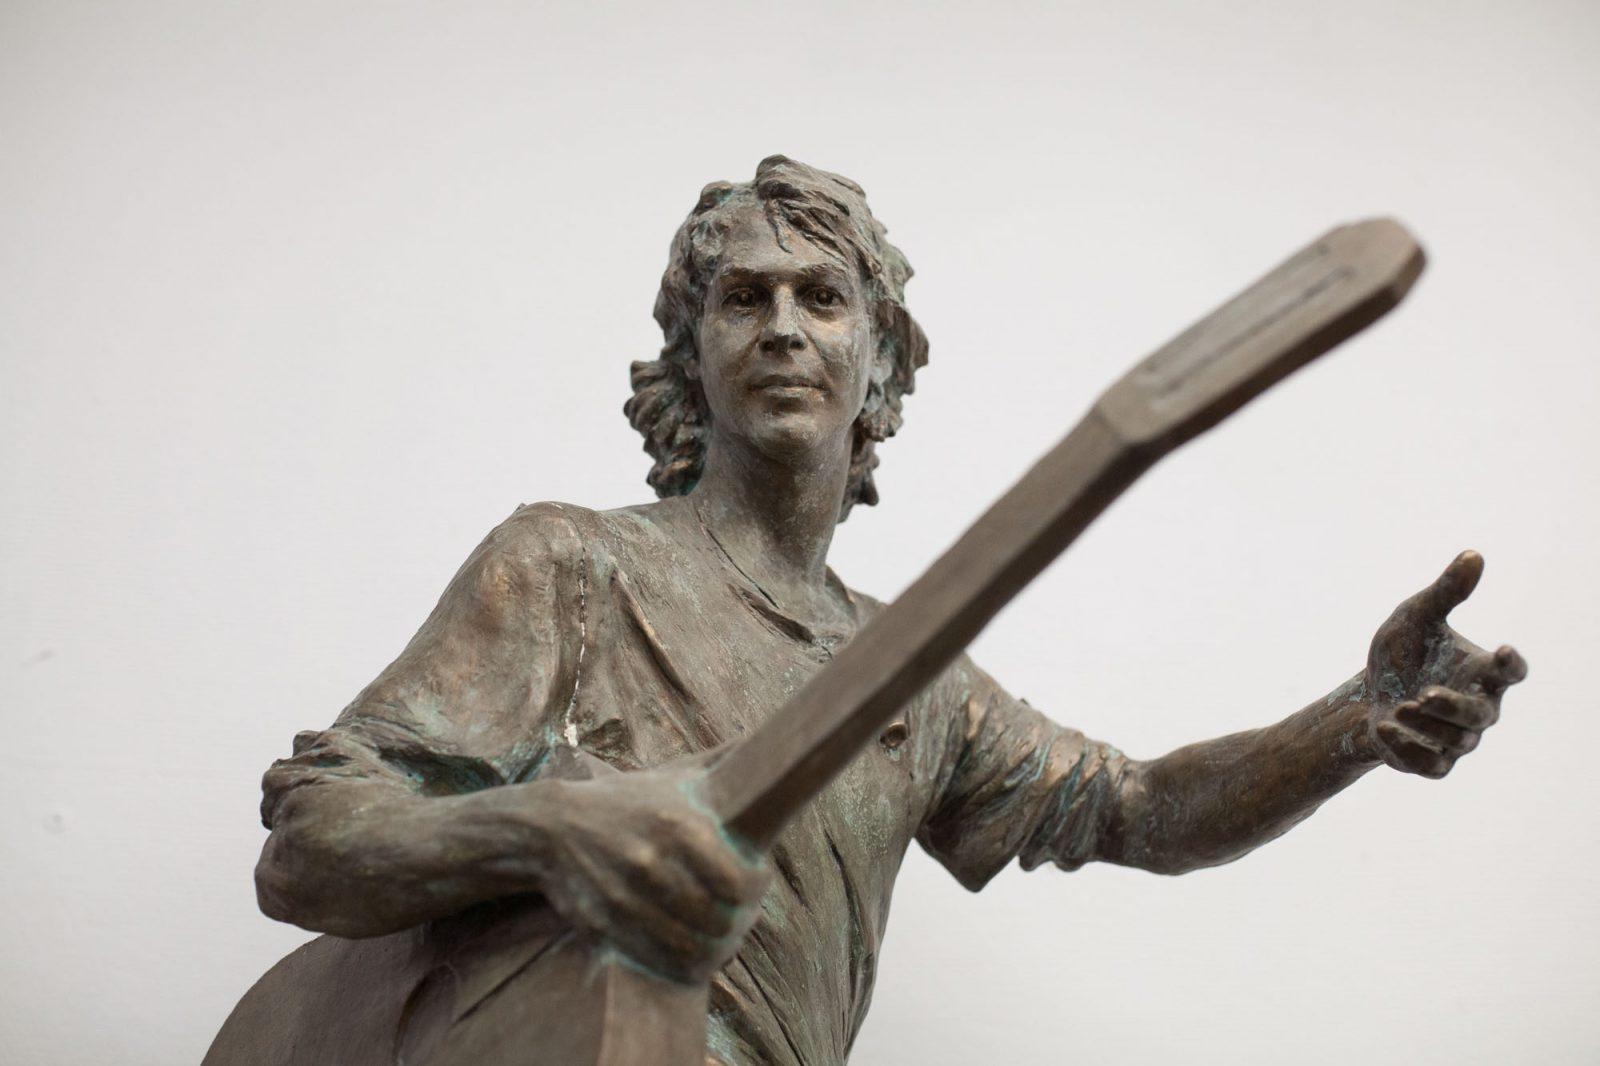 СашБаш в бронзе: как идёт работа над памятником Башлачёву